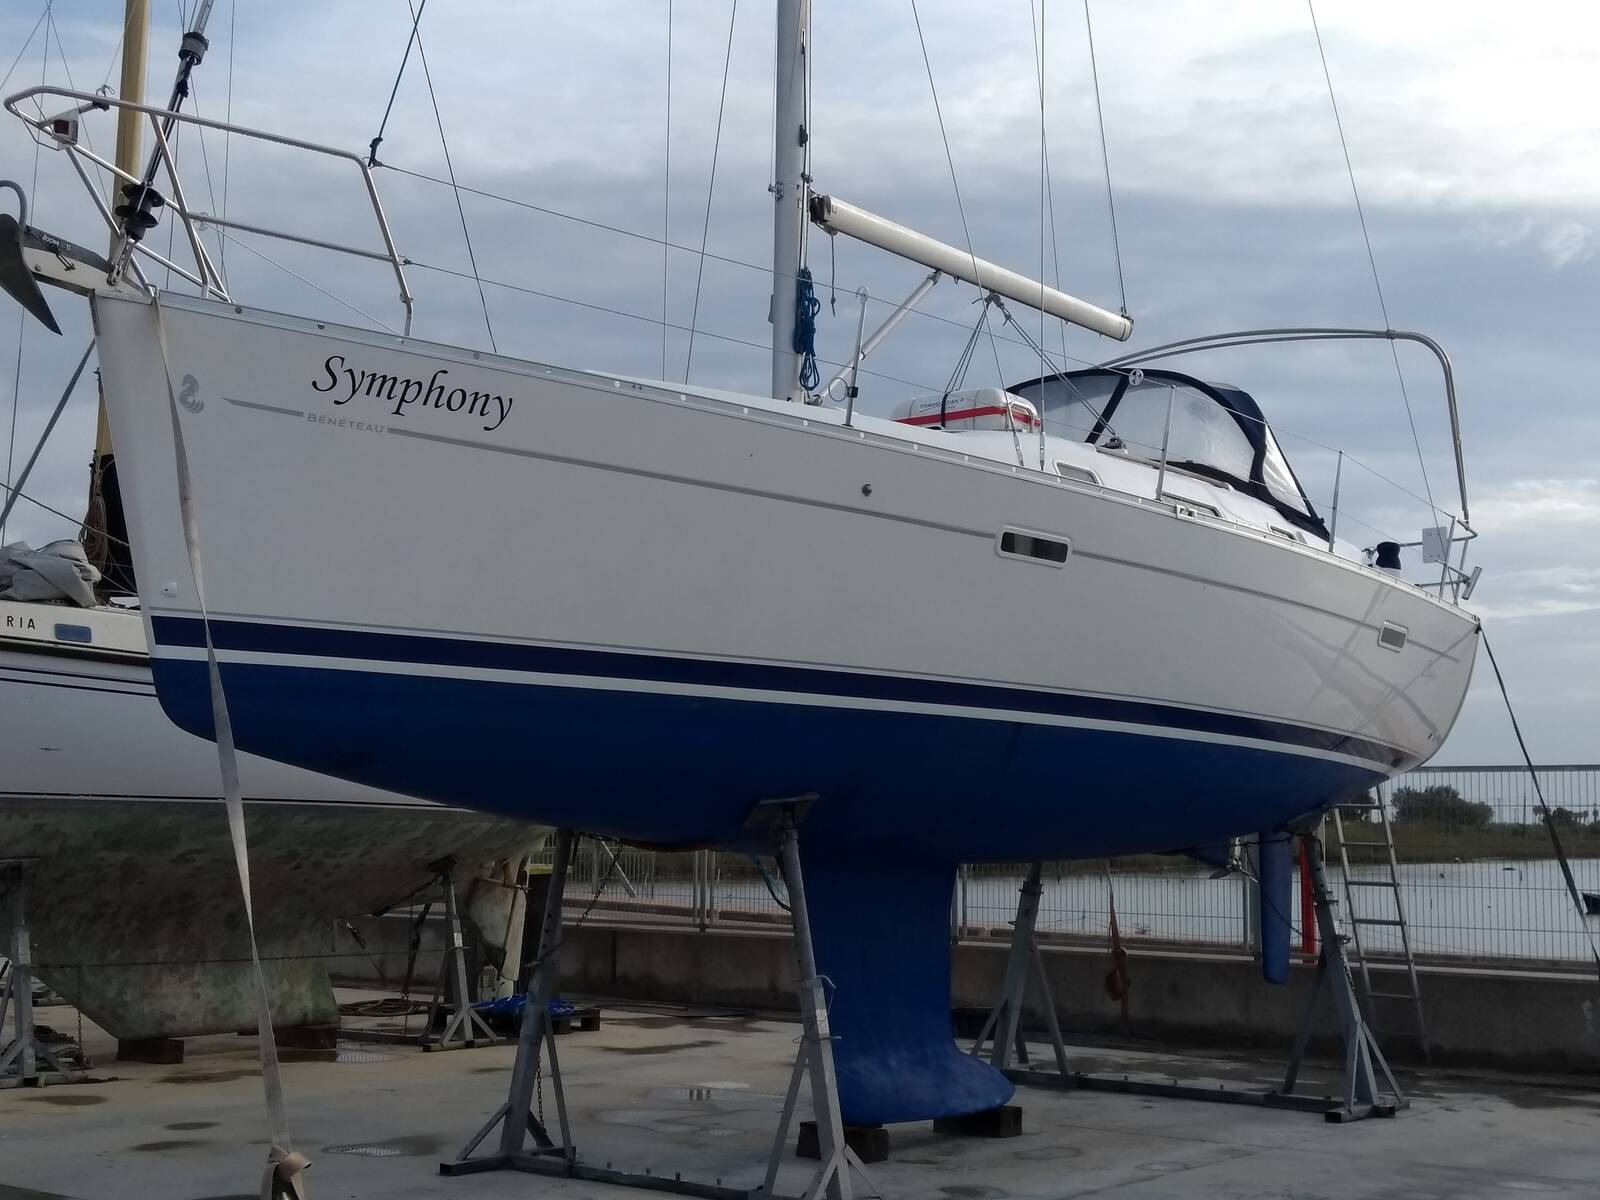 Beneteau Oceanis 343 hull